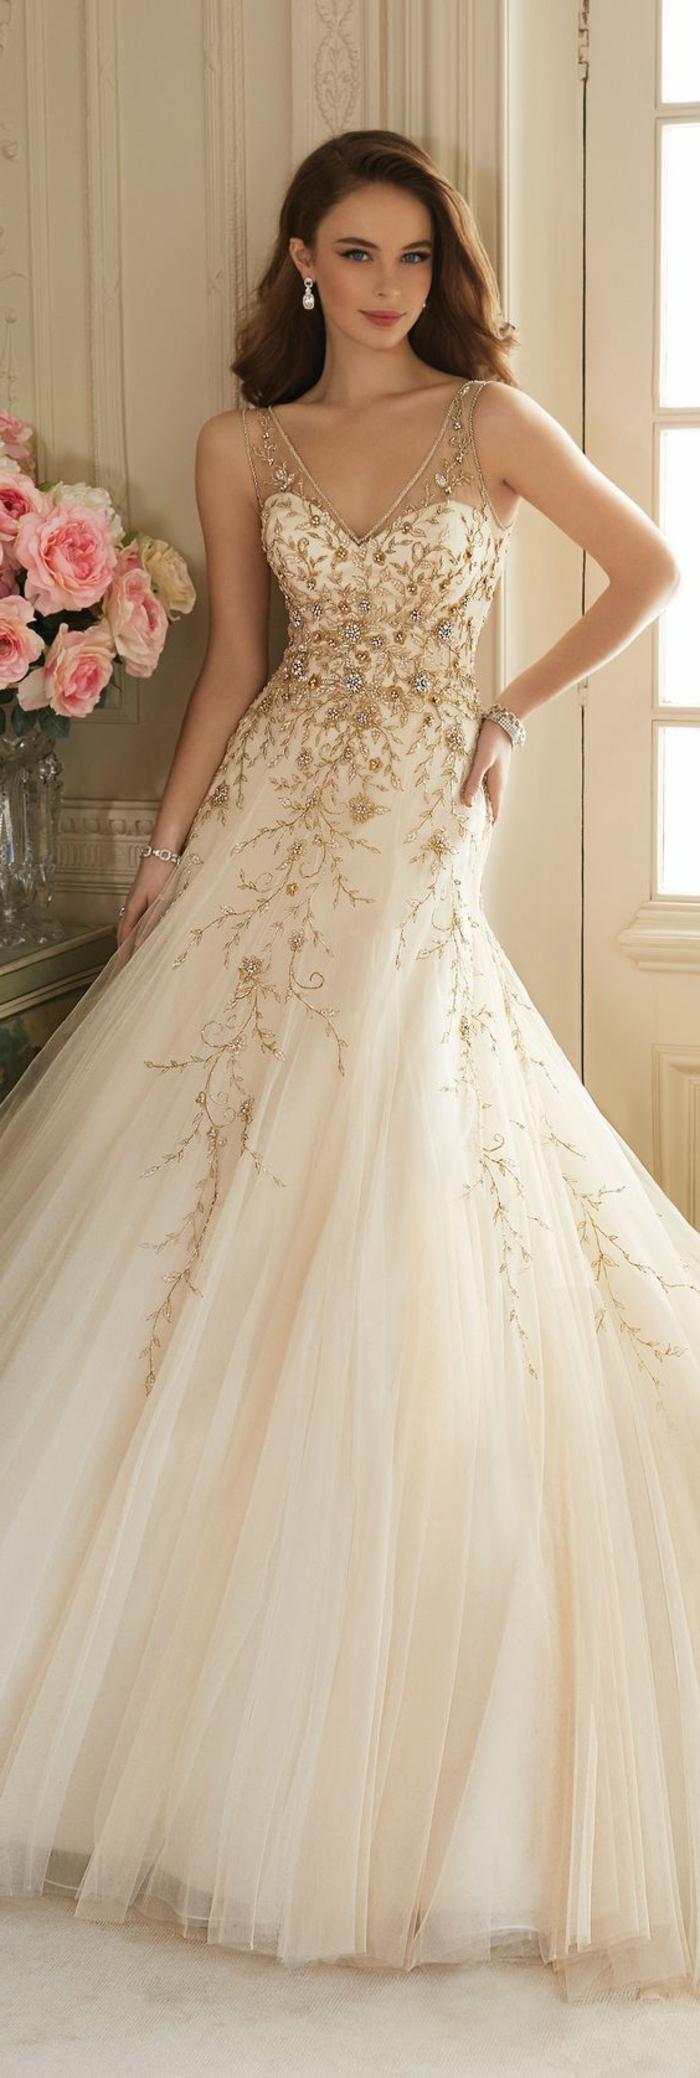 robe de mariée colorée, des ornemenst floraux et boucles d'oreille perles